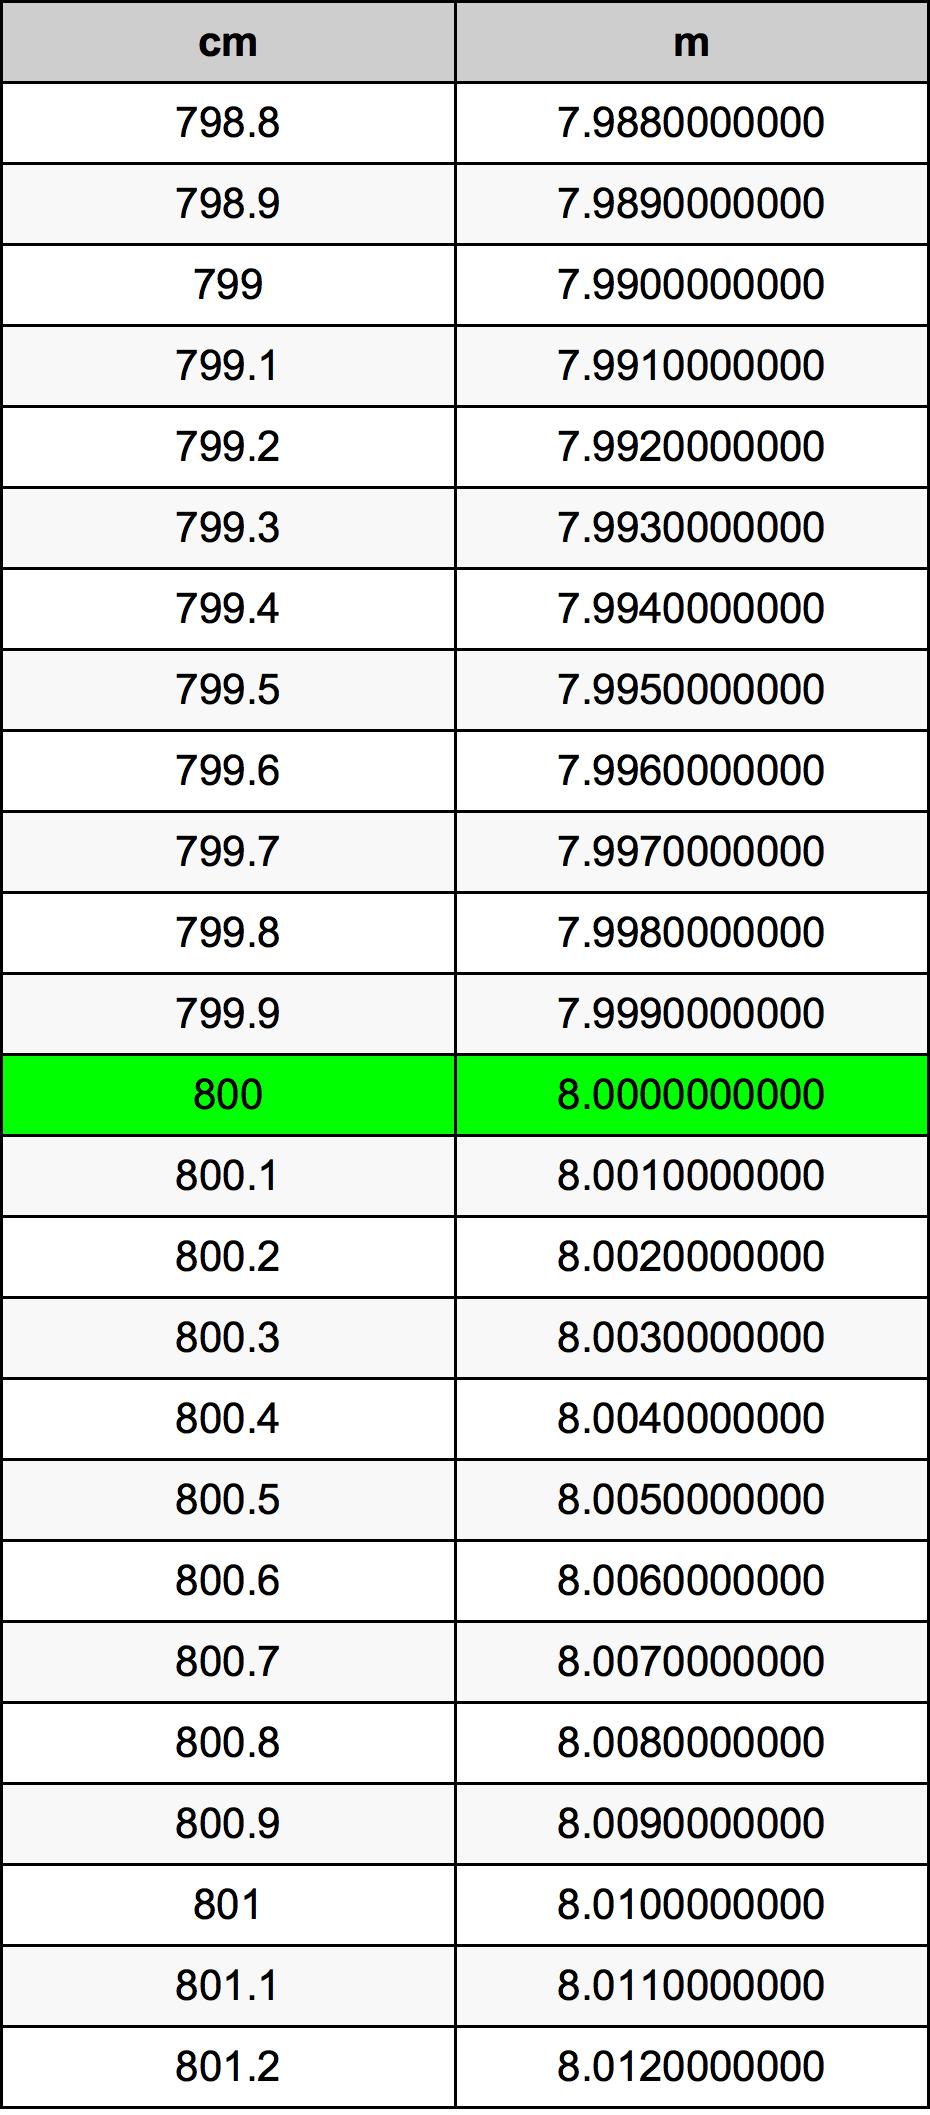 1 Meter Berapa Centi : meter, berapa, centi, Centimeters, Meters, Converter